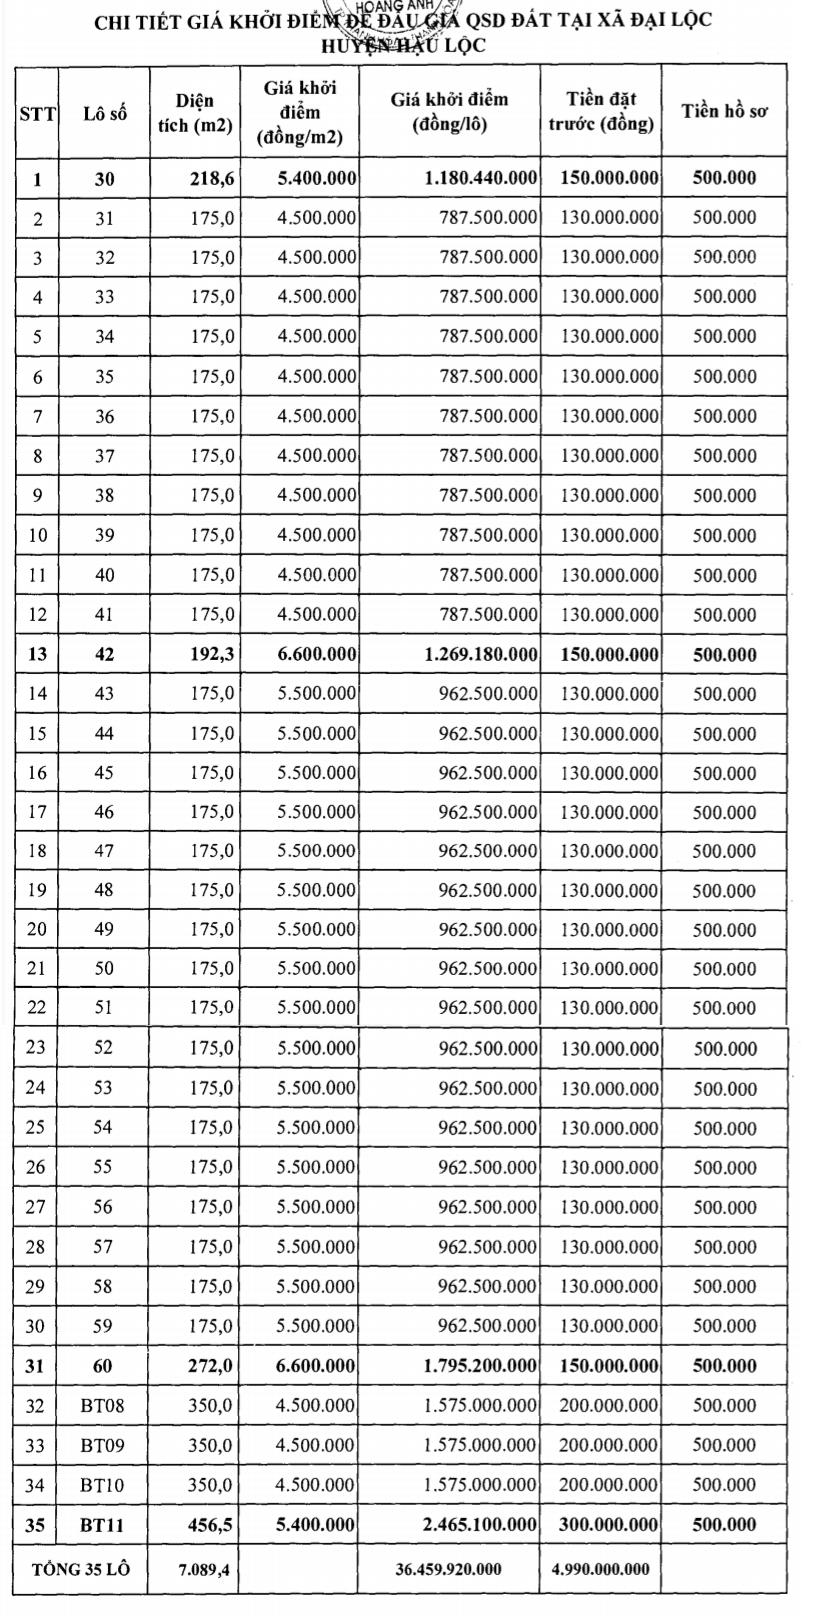 Hậu Lộc, Thanh Hóa sắp đấu giá 12 lô đất, khởi điểm từ 4,5 nghìn đồng/m2 - Ảnh 2.